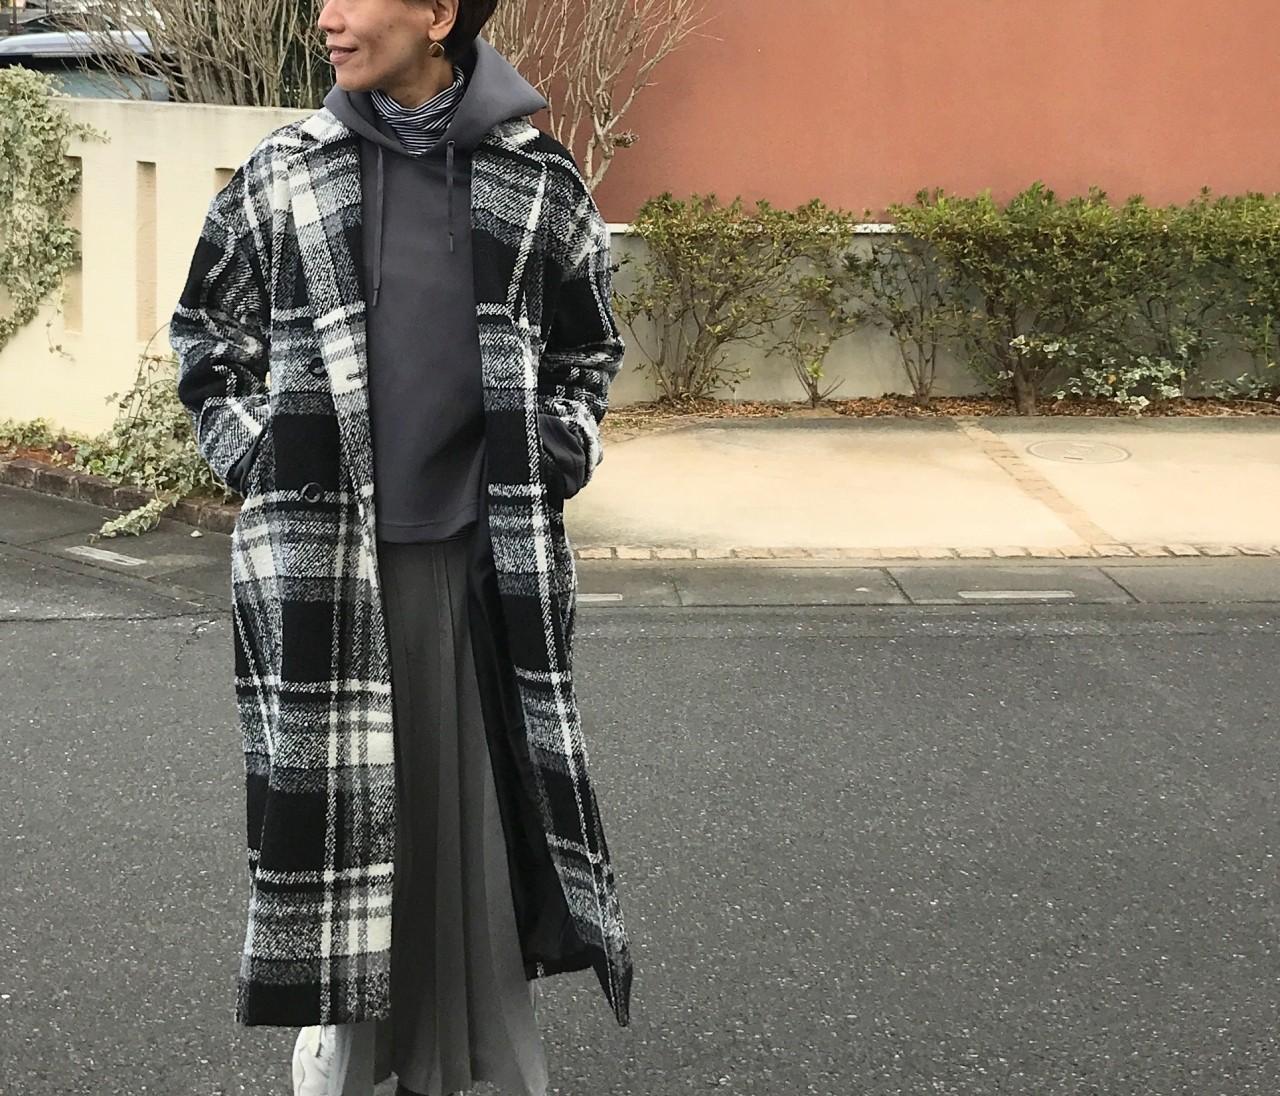 ¥3900コートに¥280タイツ【しまむら】 #しまパト で狙いたい本当にコスパがいい服はコレ!